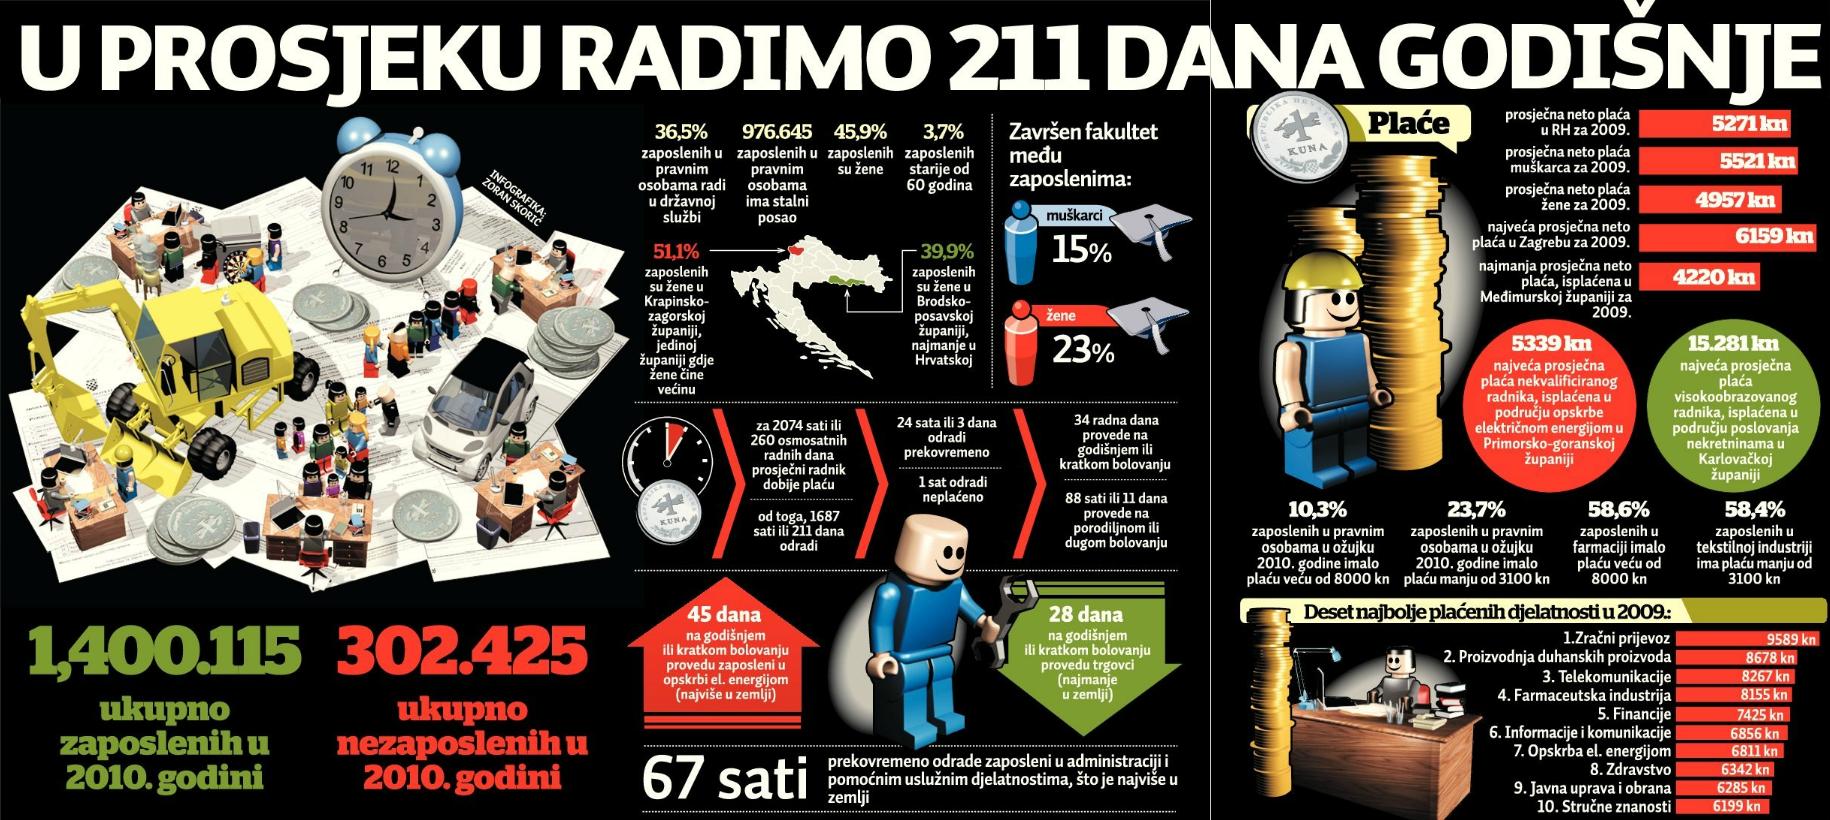 Jutarnji List 20110813 - Infografika o plaćama i poslu u Hrvatskoj